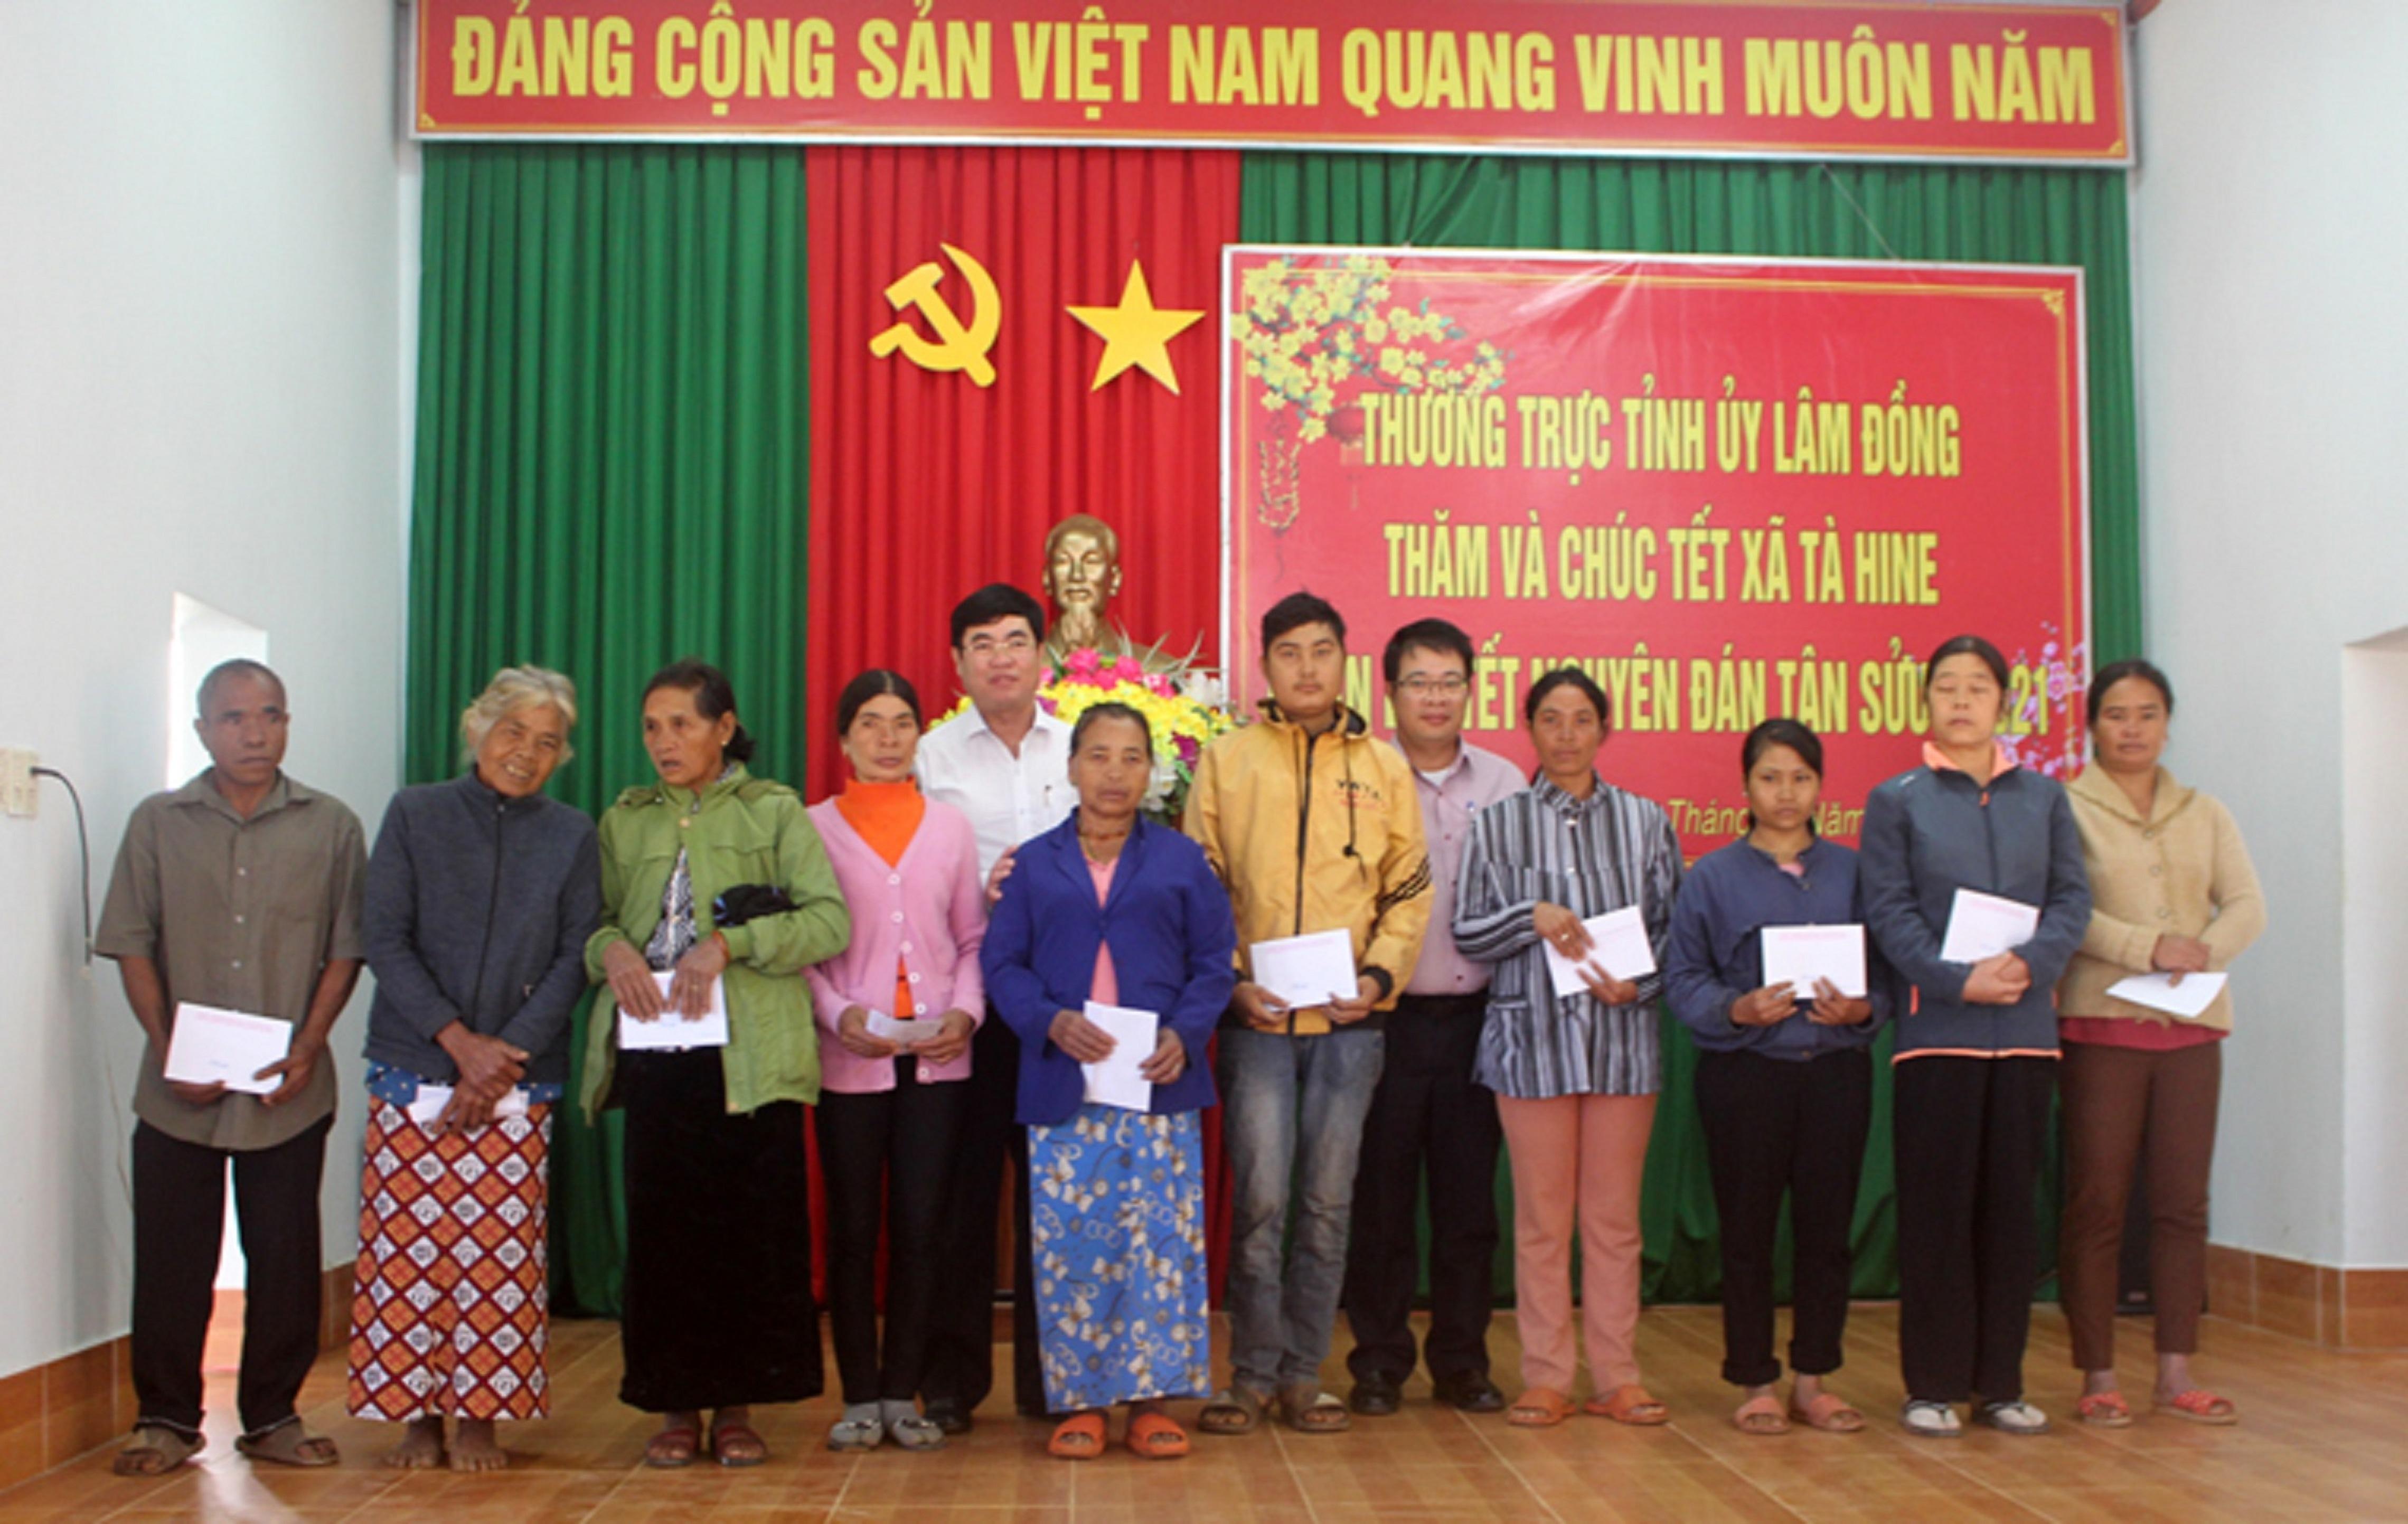 Lãnh đạo Tỉnh ủy Lâm Đồng và Huyện ủy Đức Trọng, trao quà cho các hộ có hoàn cảnh khó khăn của 5 xã vùng loan.